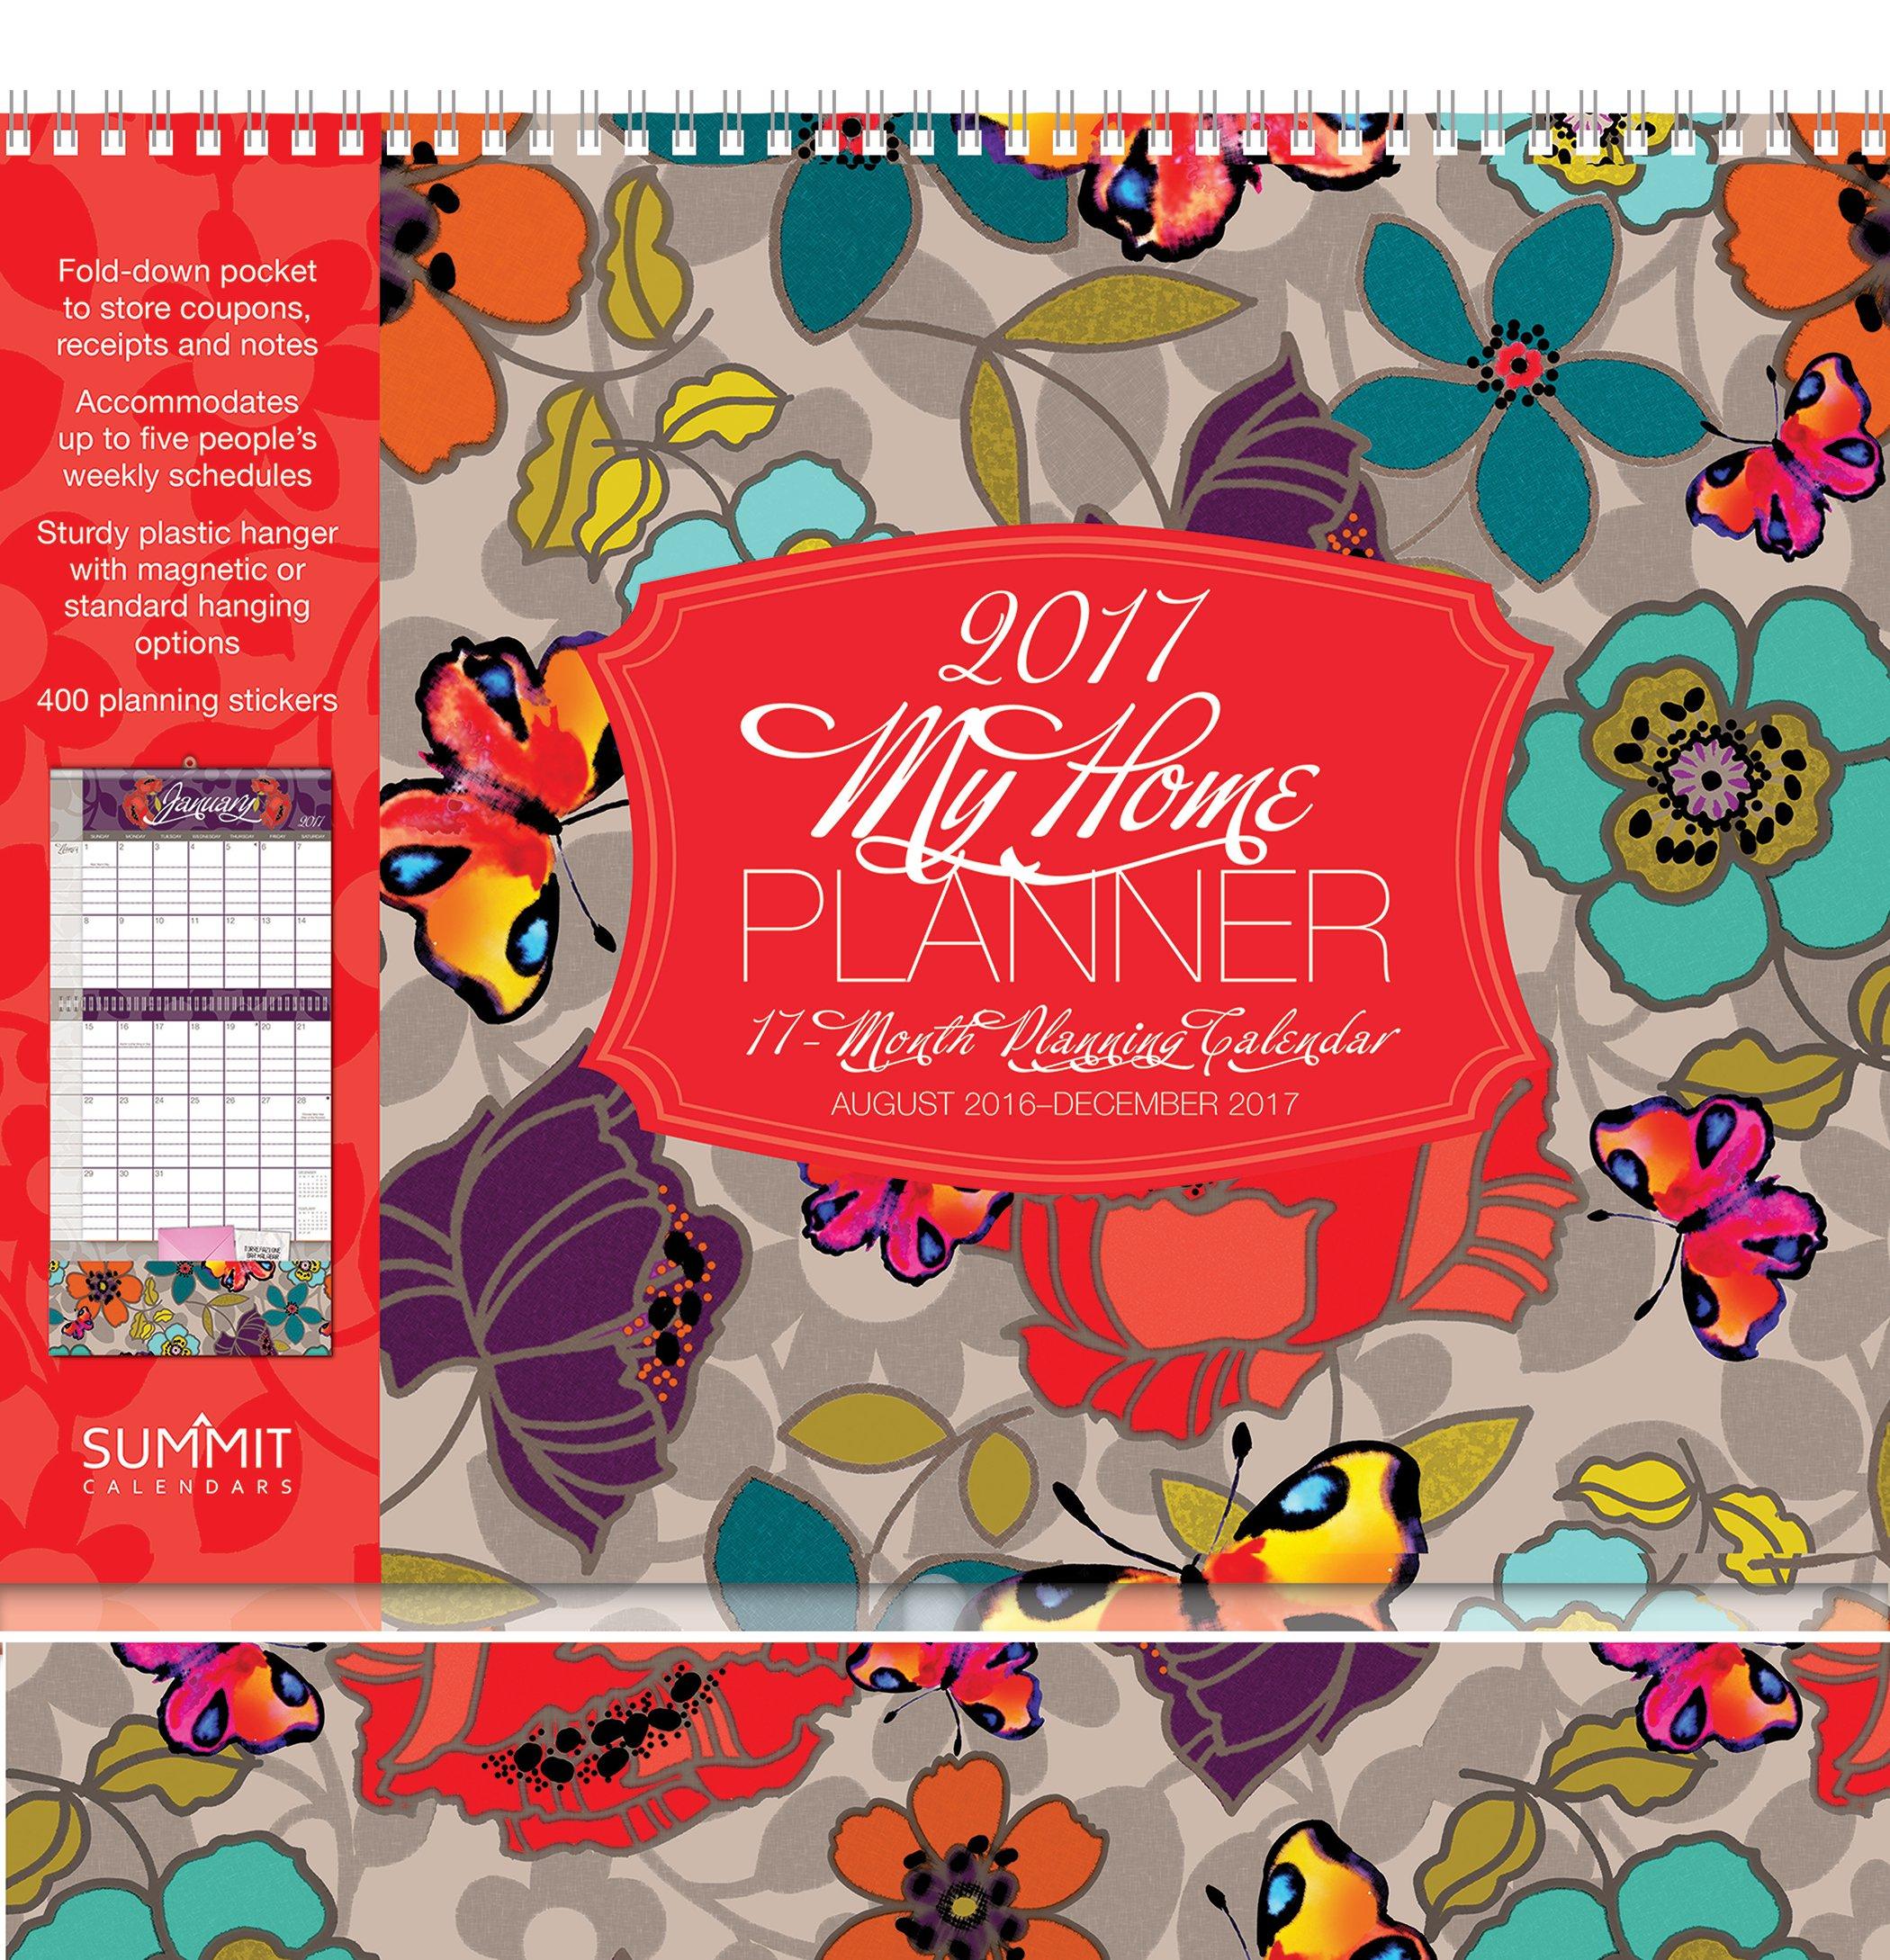 Summit 2017 Calendar My Home Planner  (90517)